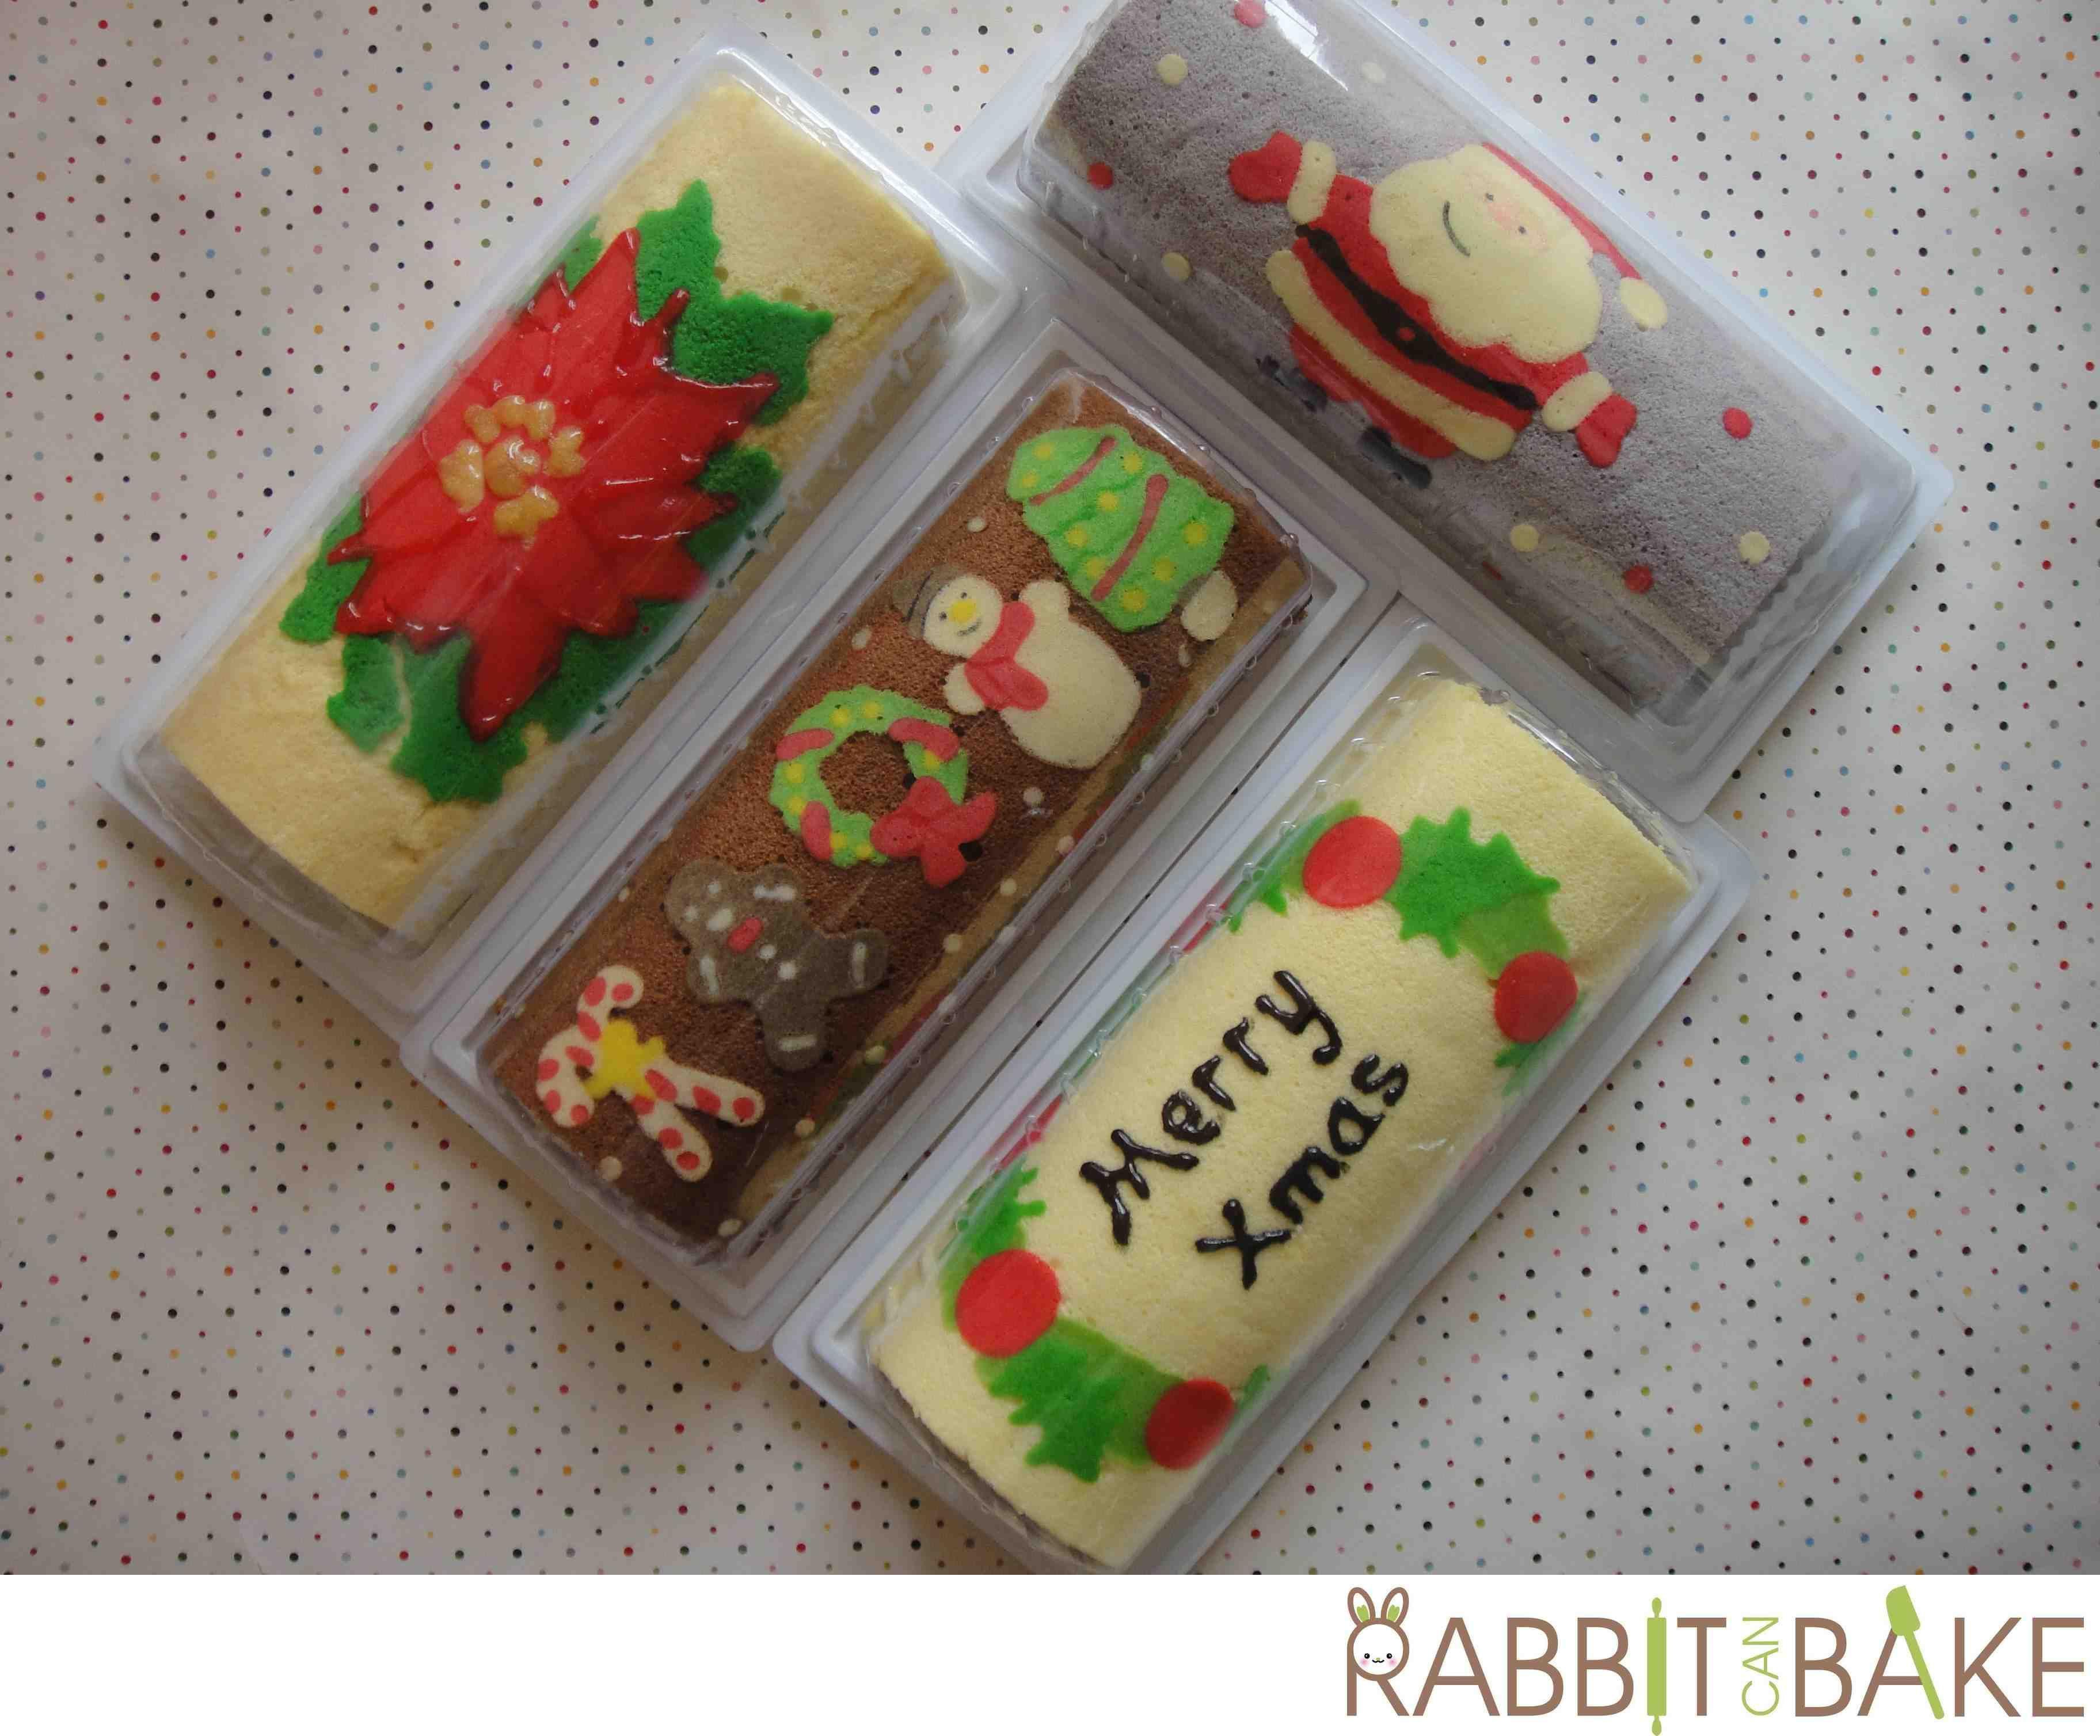 Google xmas themes - Cake Roll Buscar Con Google Xmas Cakeschristmas Cakeschristmas Themeschristmas